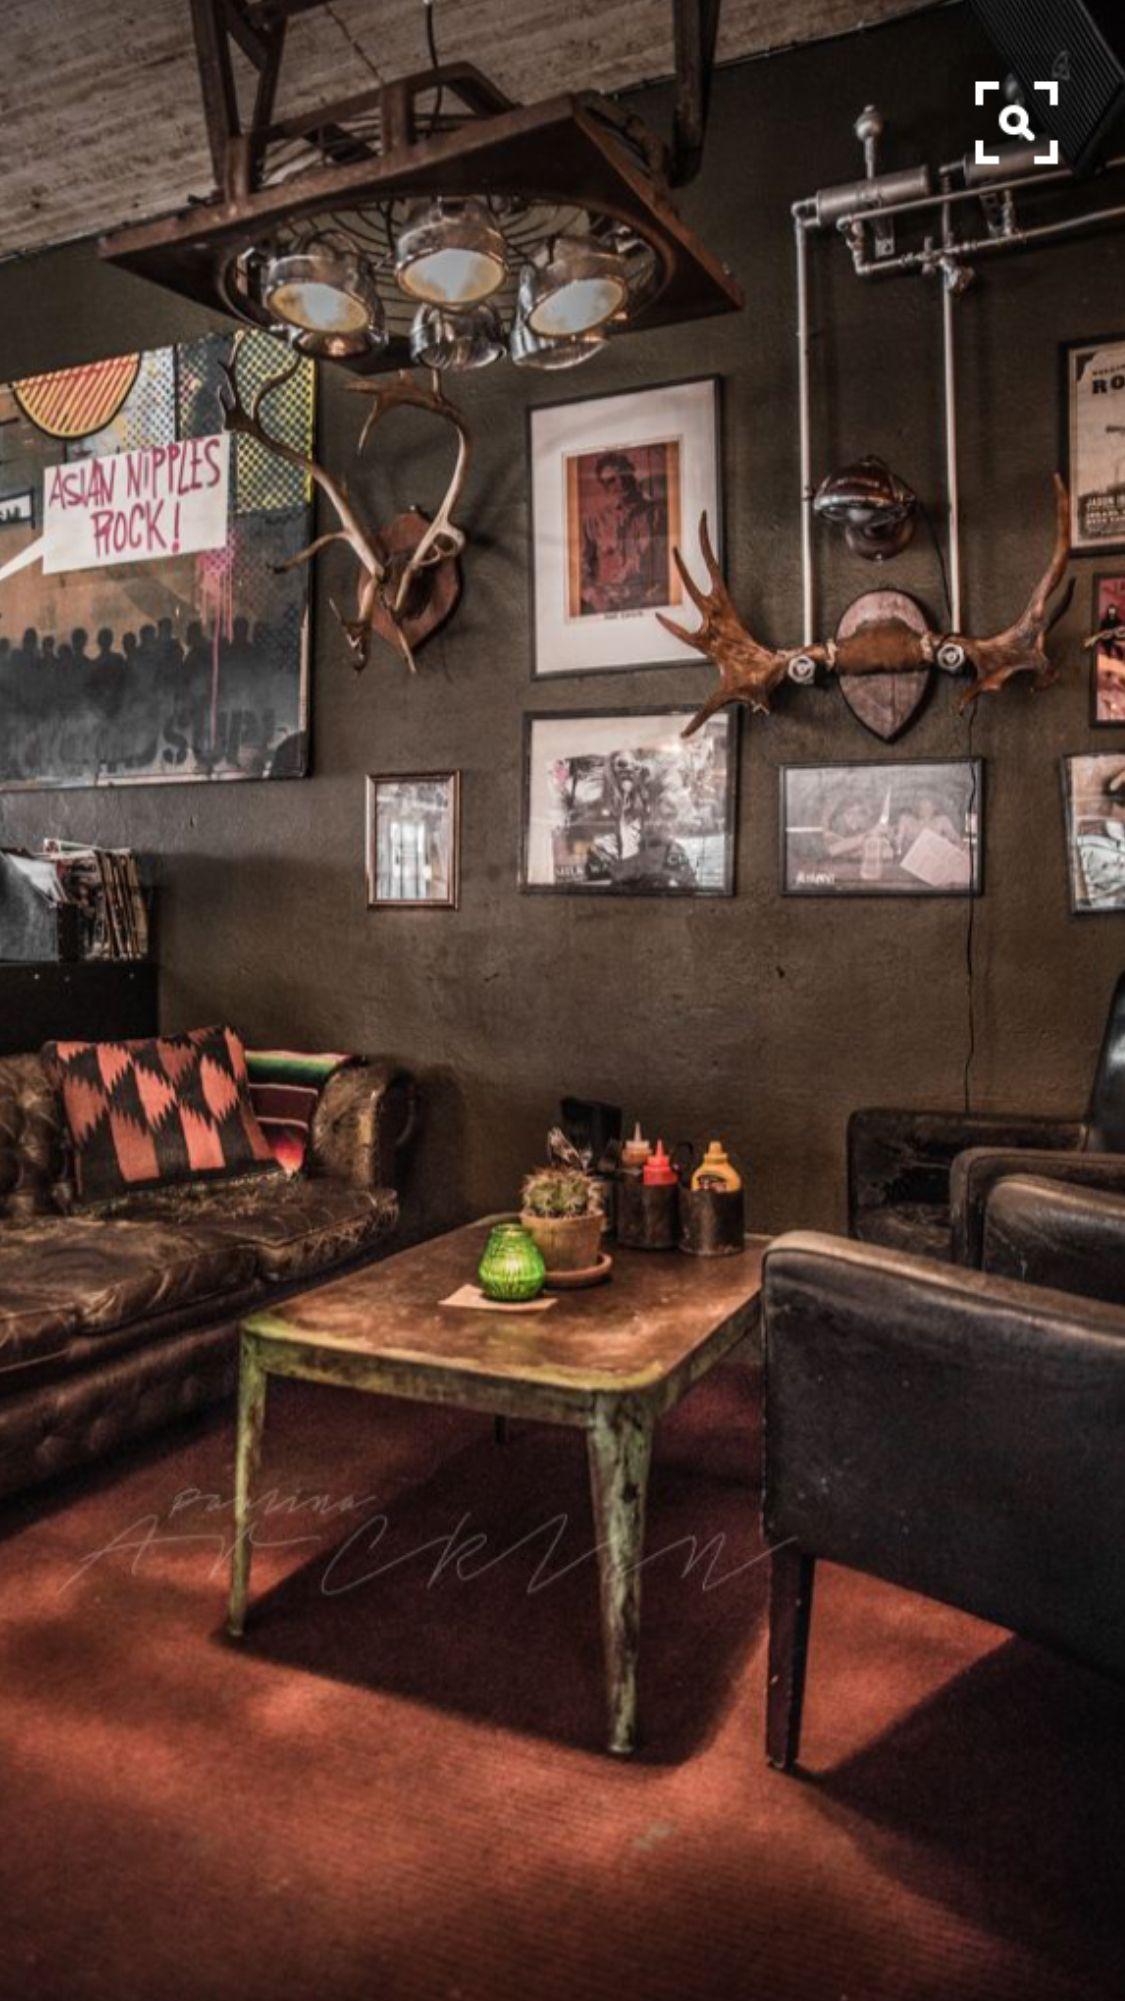 Pin von Zachary Wolfe auf The Wolfe Lodge | Pinterest